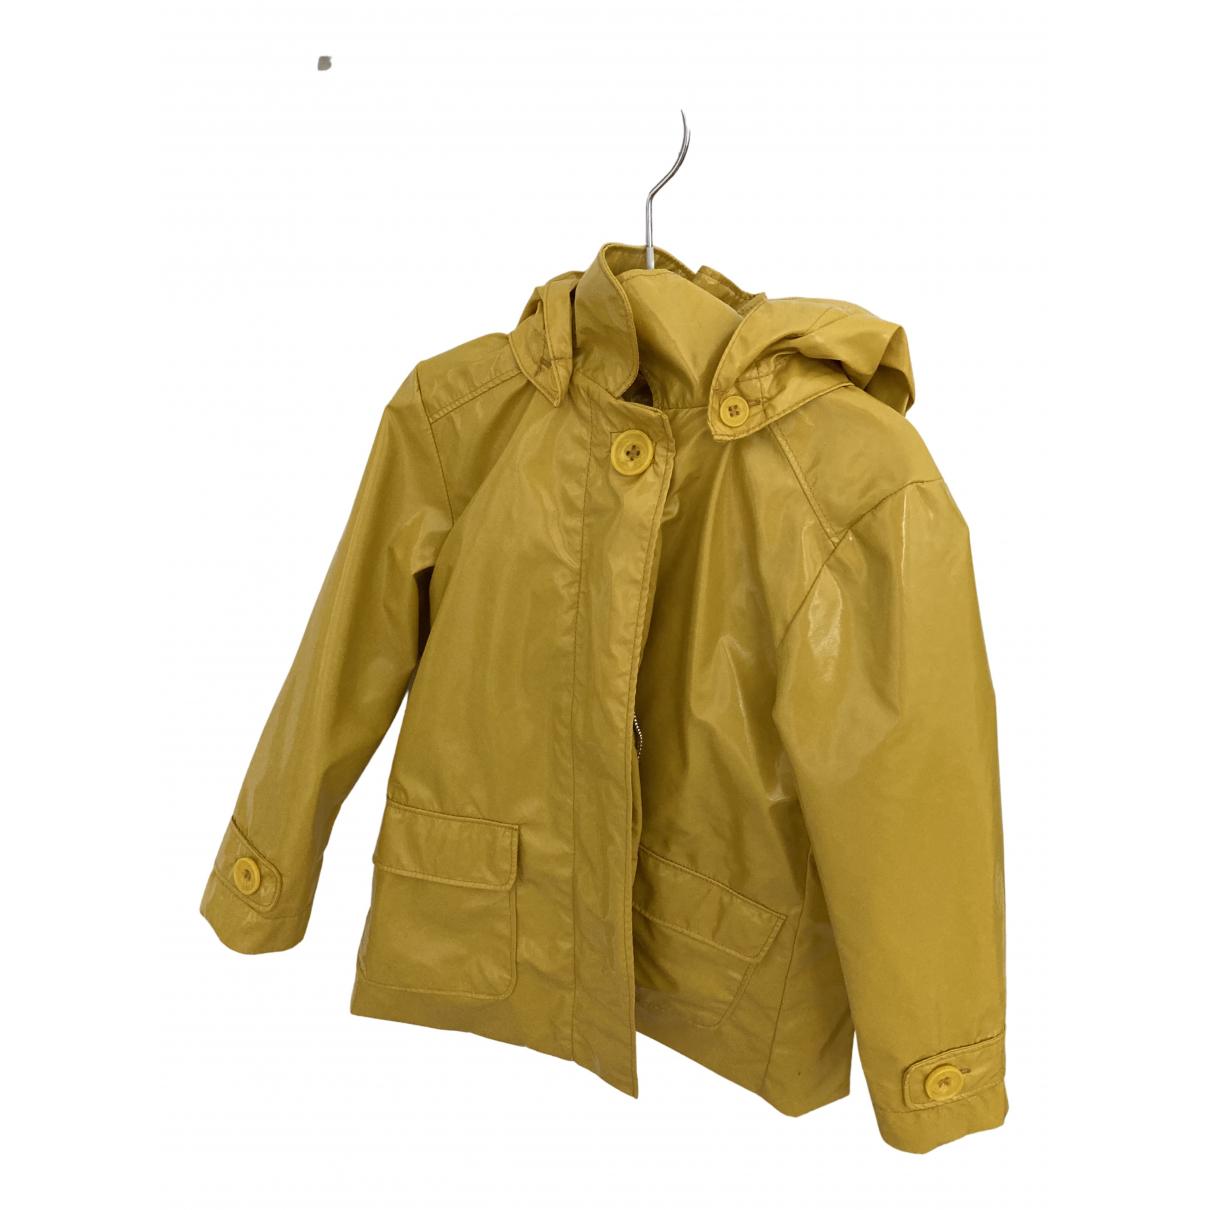 Jacadi - Blousons.Manteaux   pour enfant - jaune